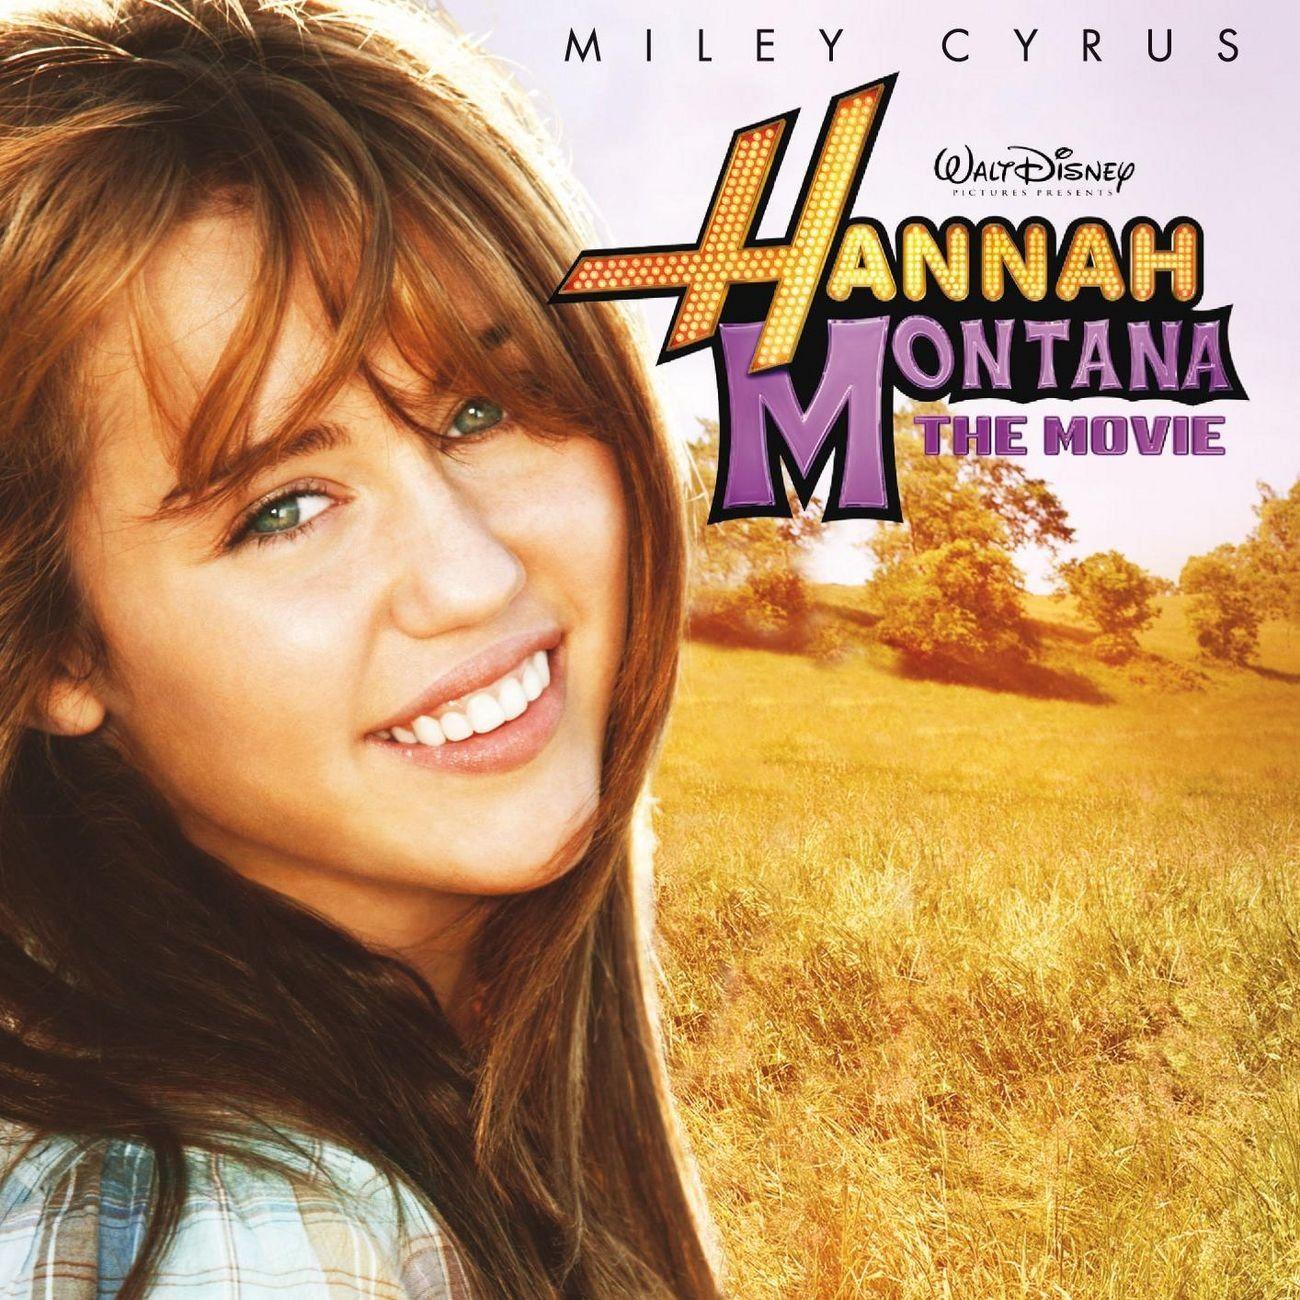 Hannah Montana - Hannah Montana: The Movie album cover